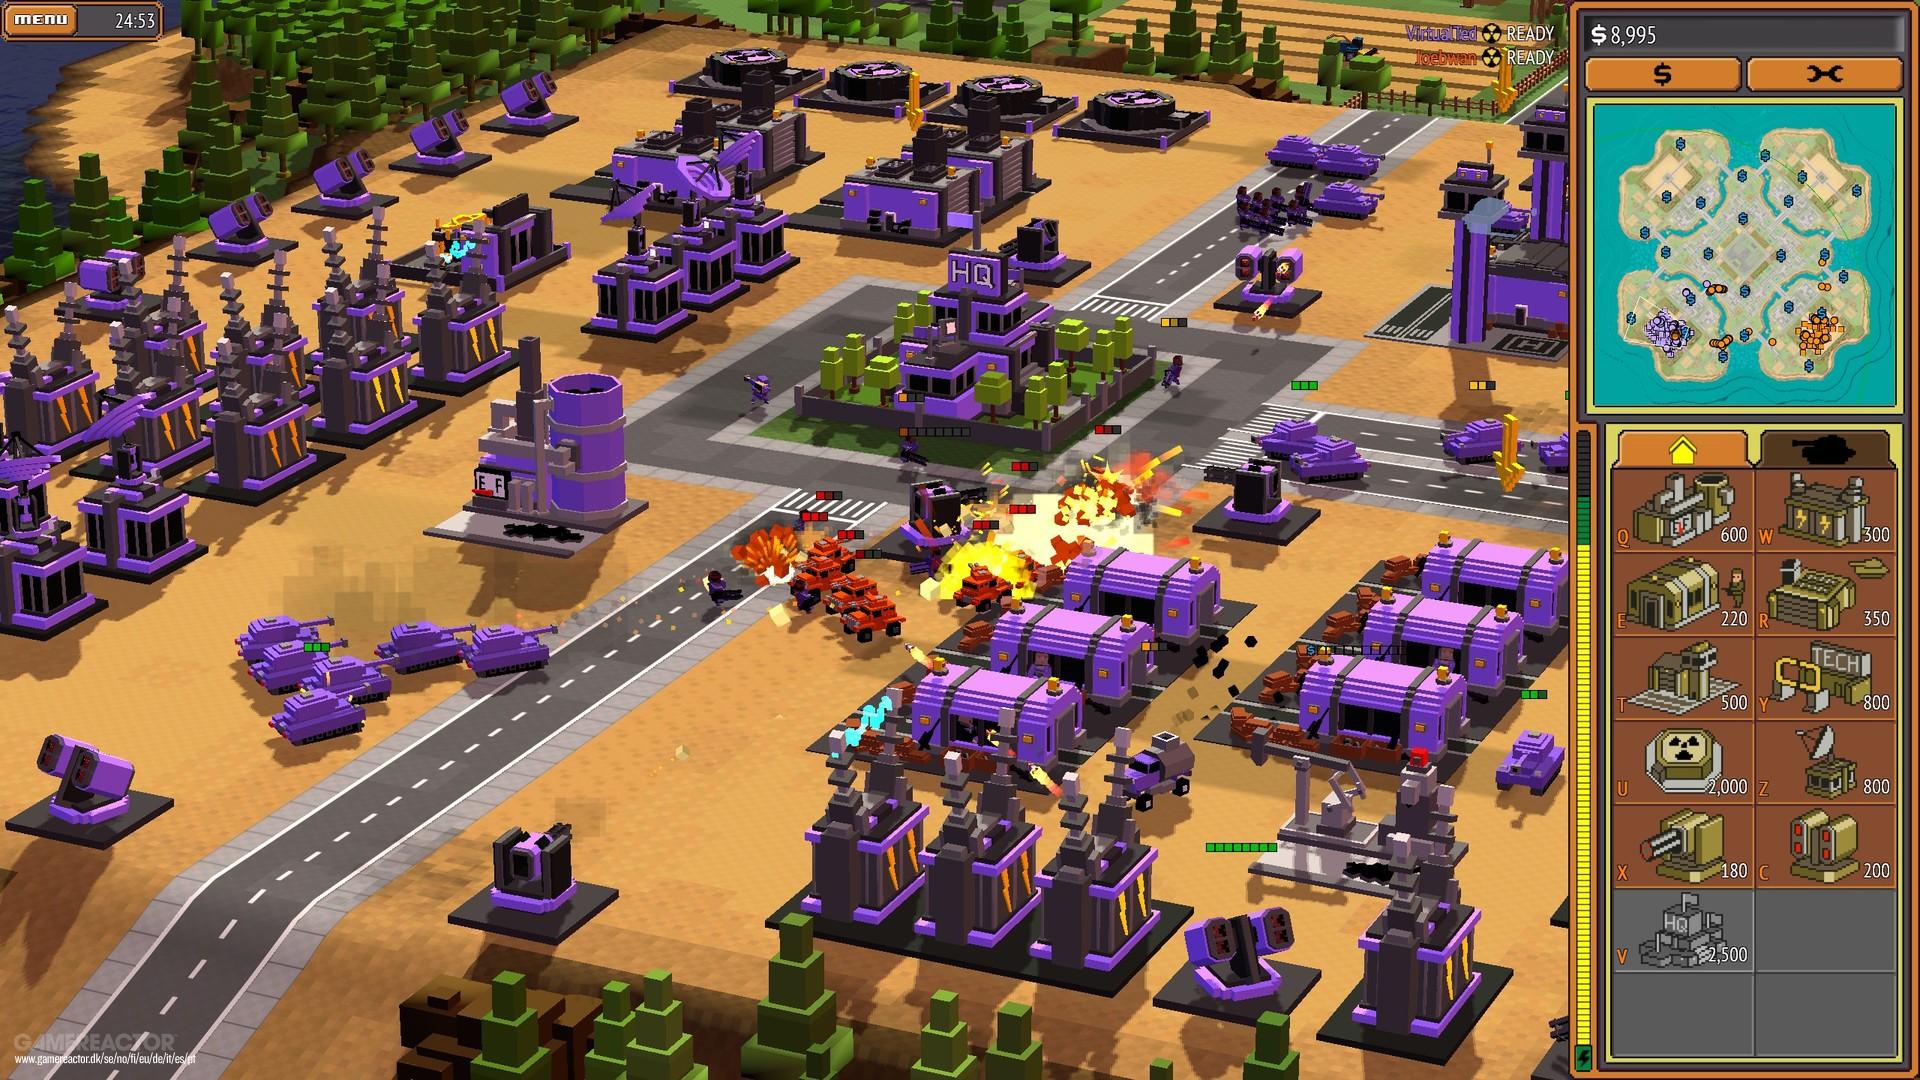 Αποτέλεσμα εικόνας για 8 bit armies  release date